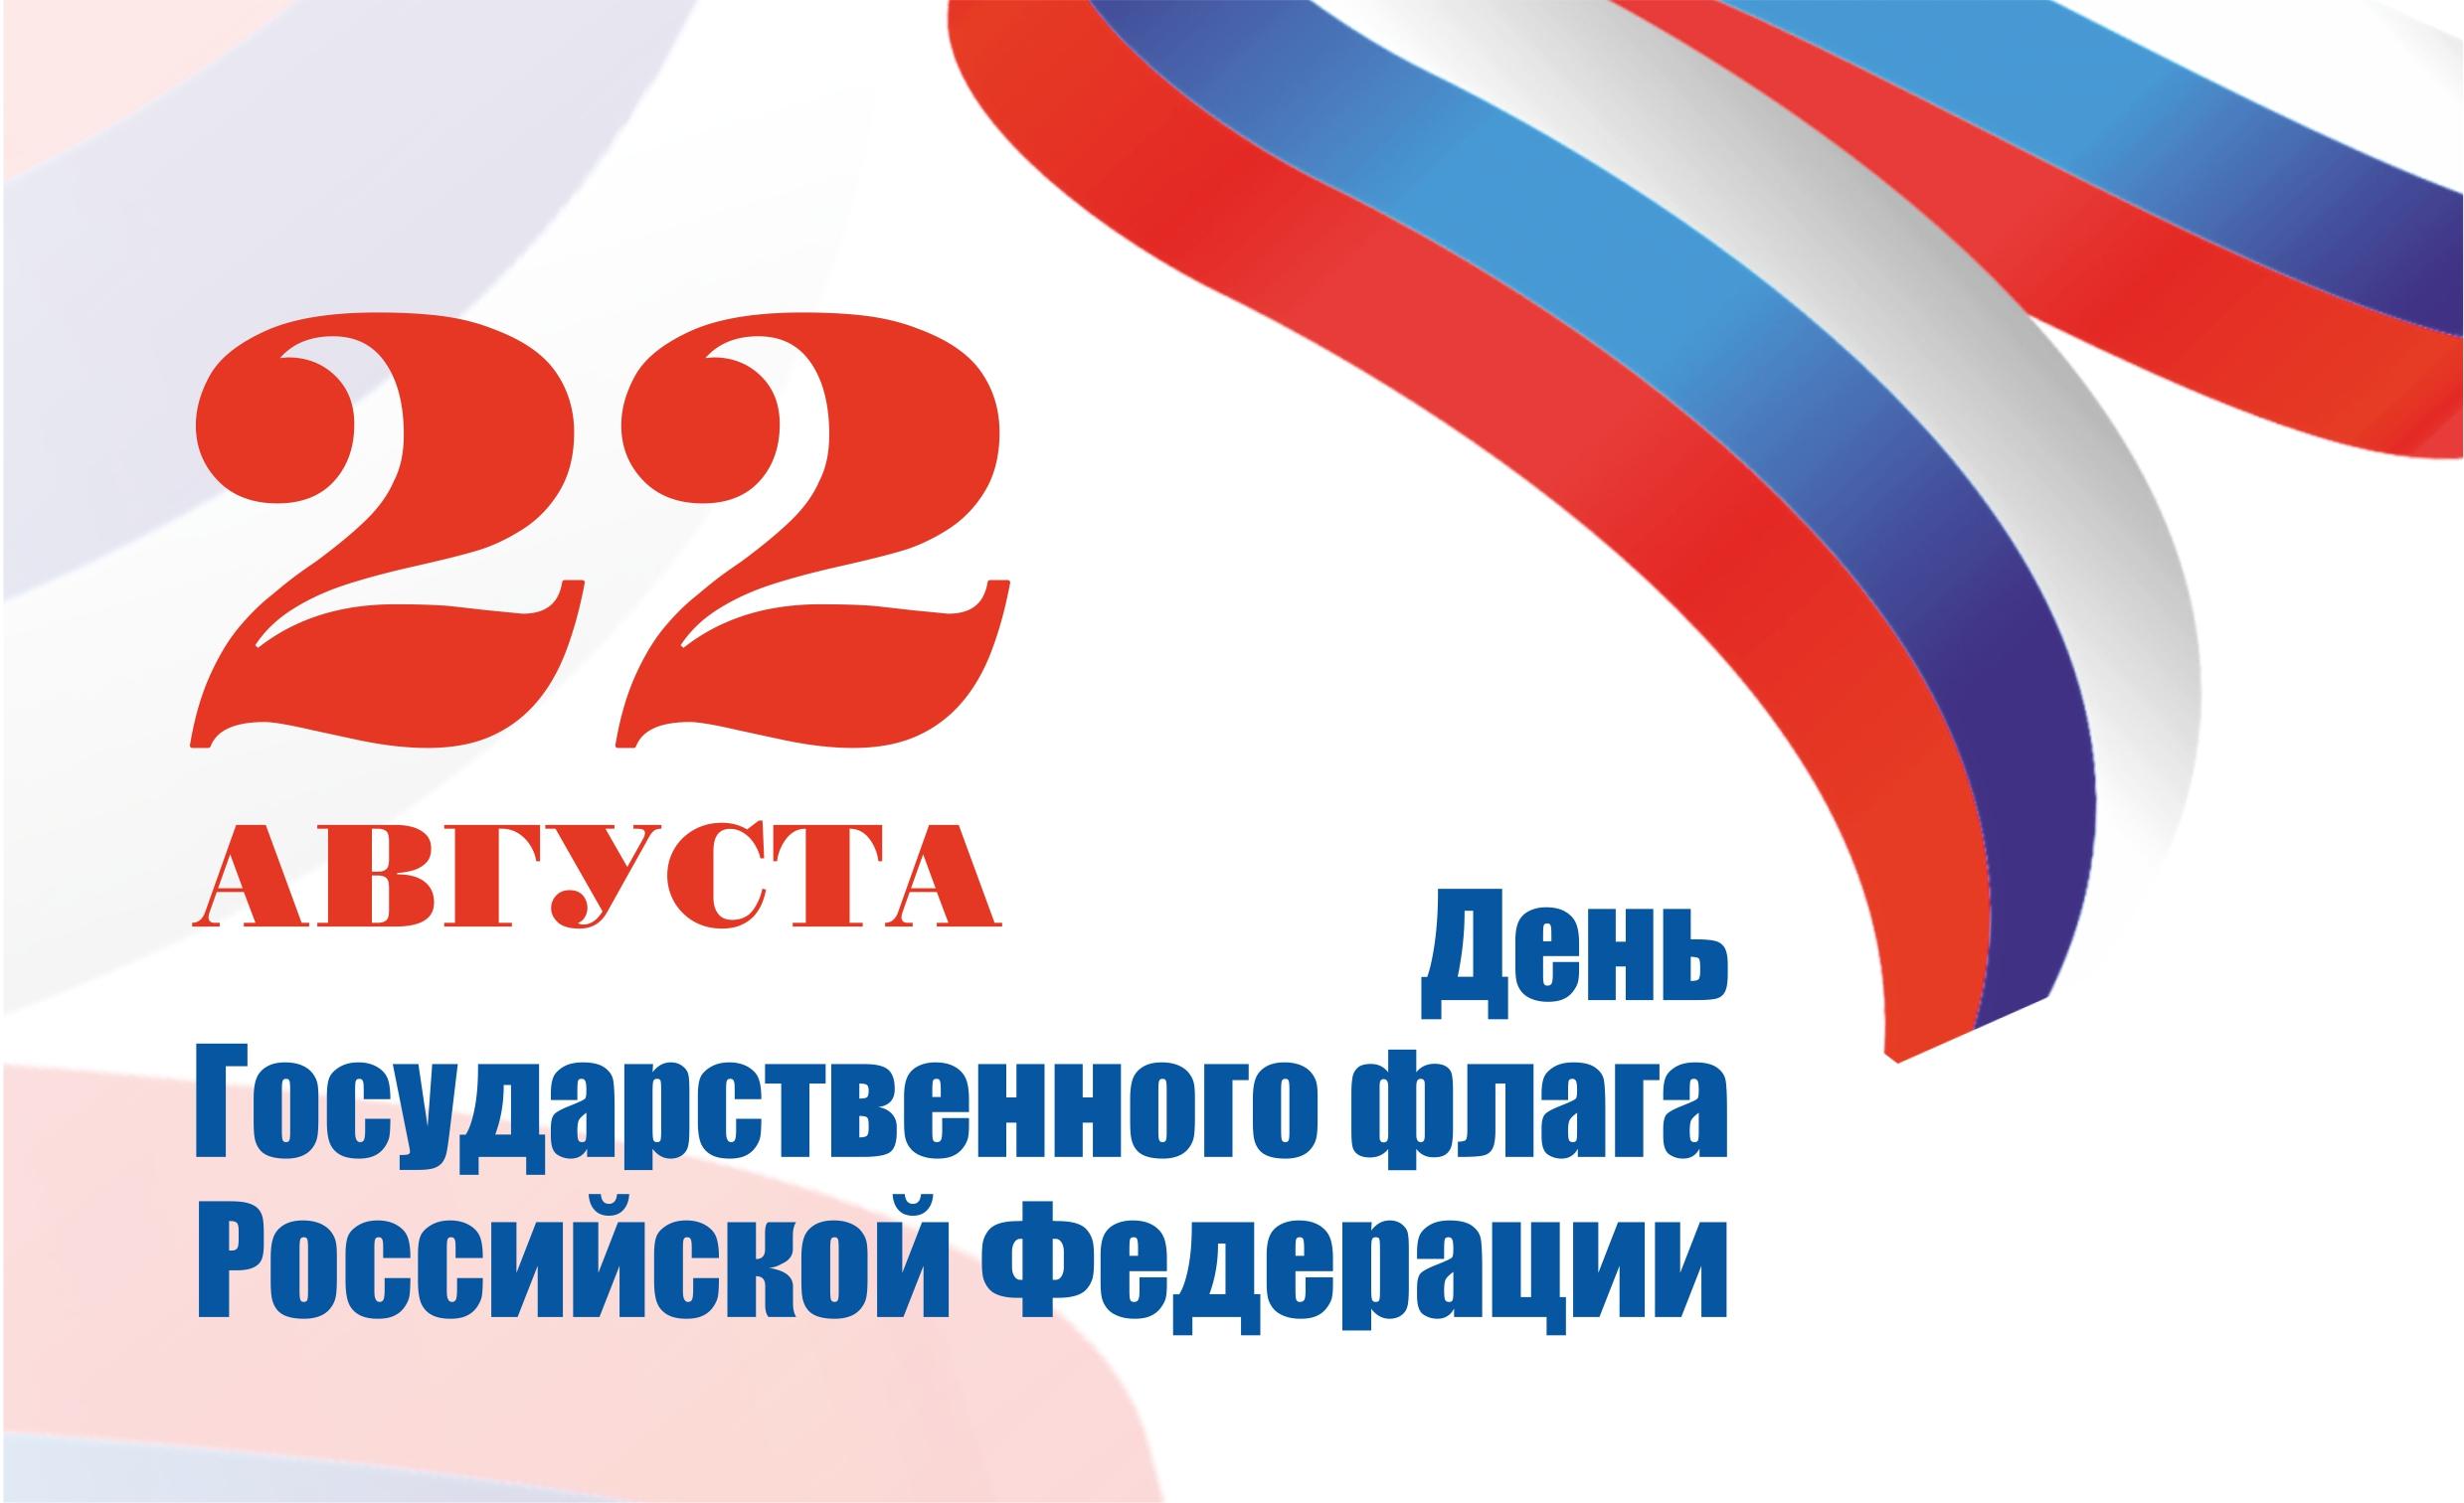 В Махачкале отпразднуют День государственного флага РФ